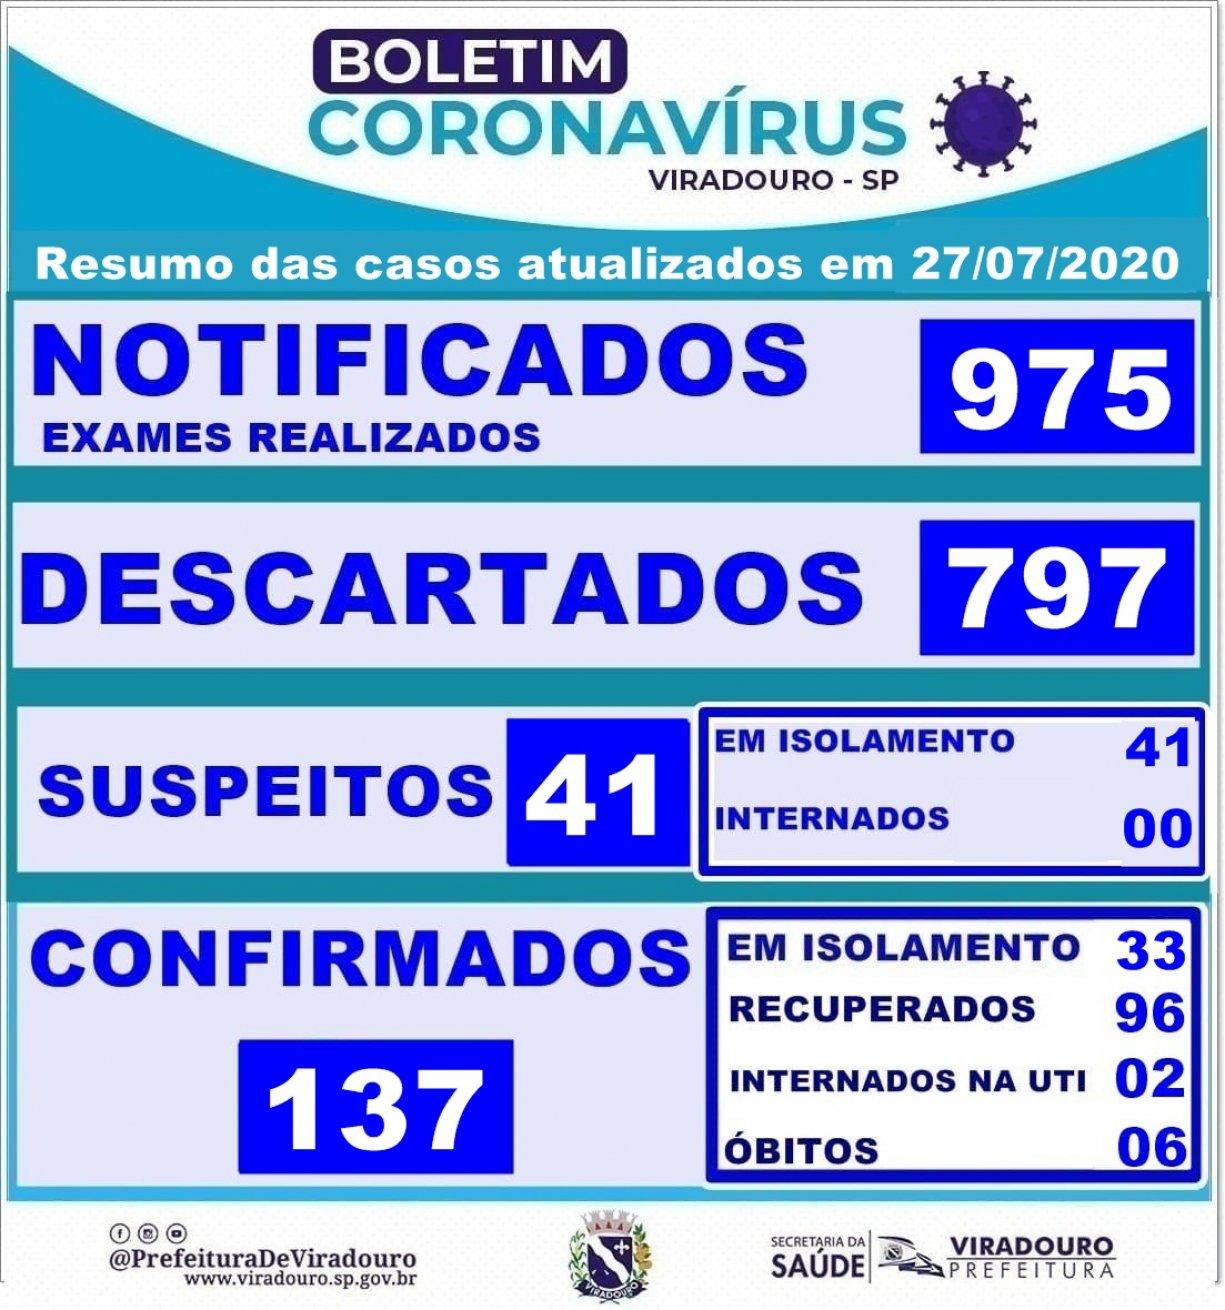 Boletim Epidemiológico Viradouro (Atualização 27/07/2020)